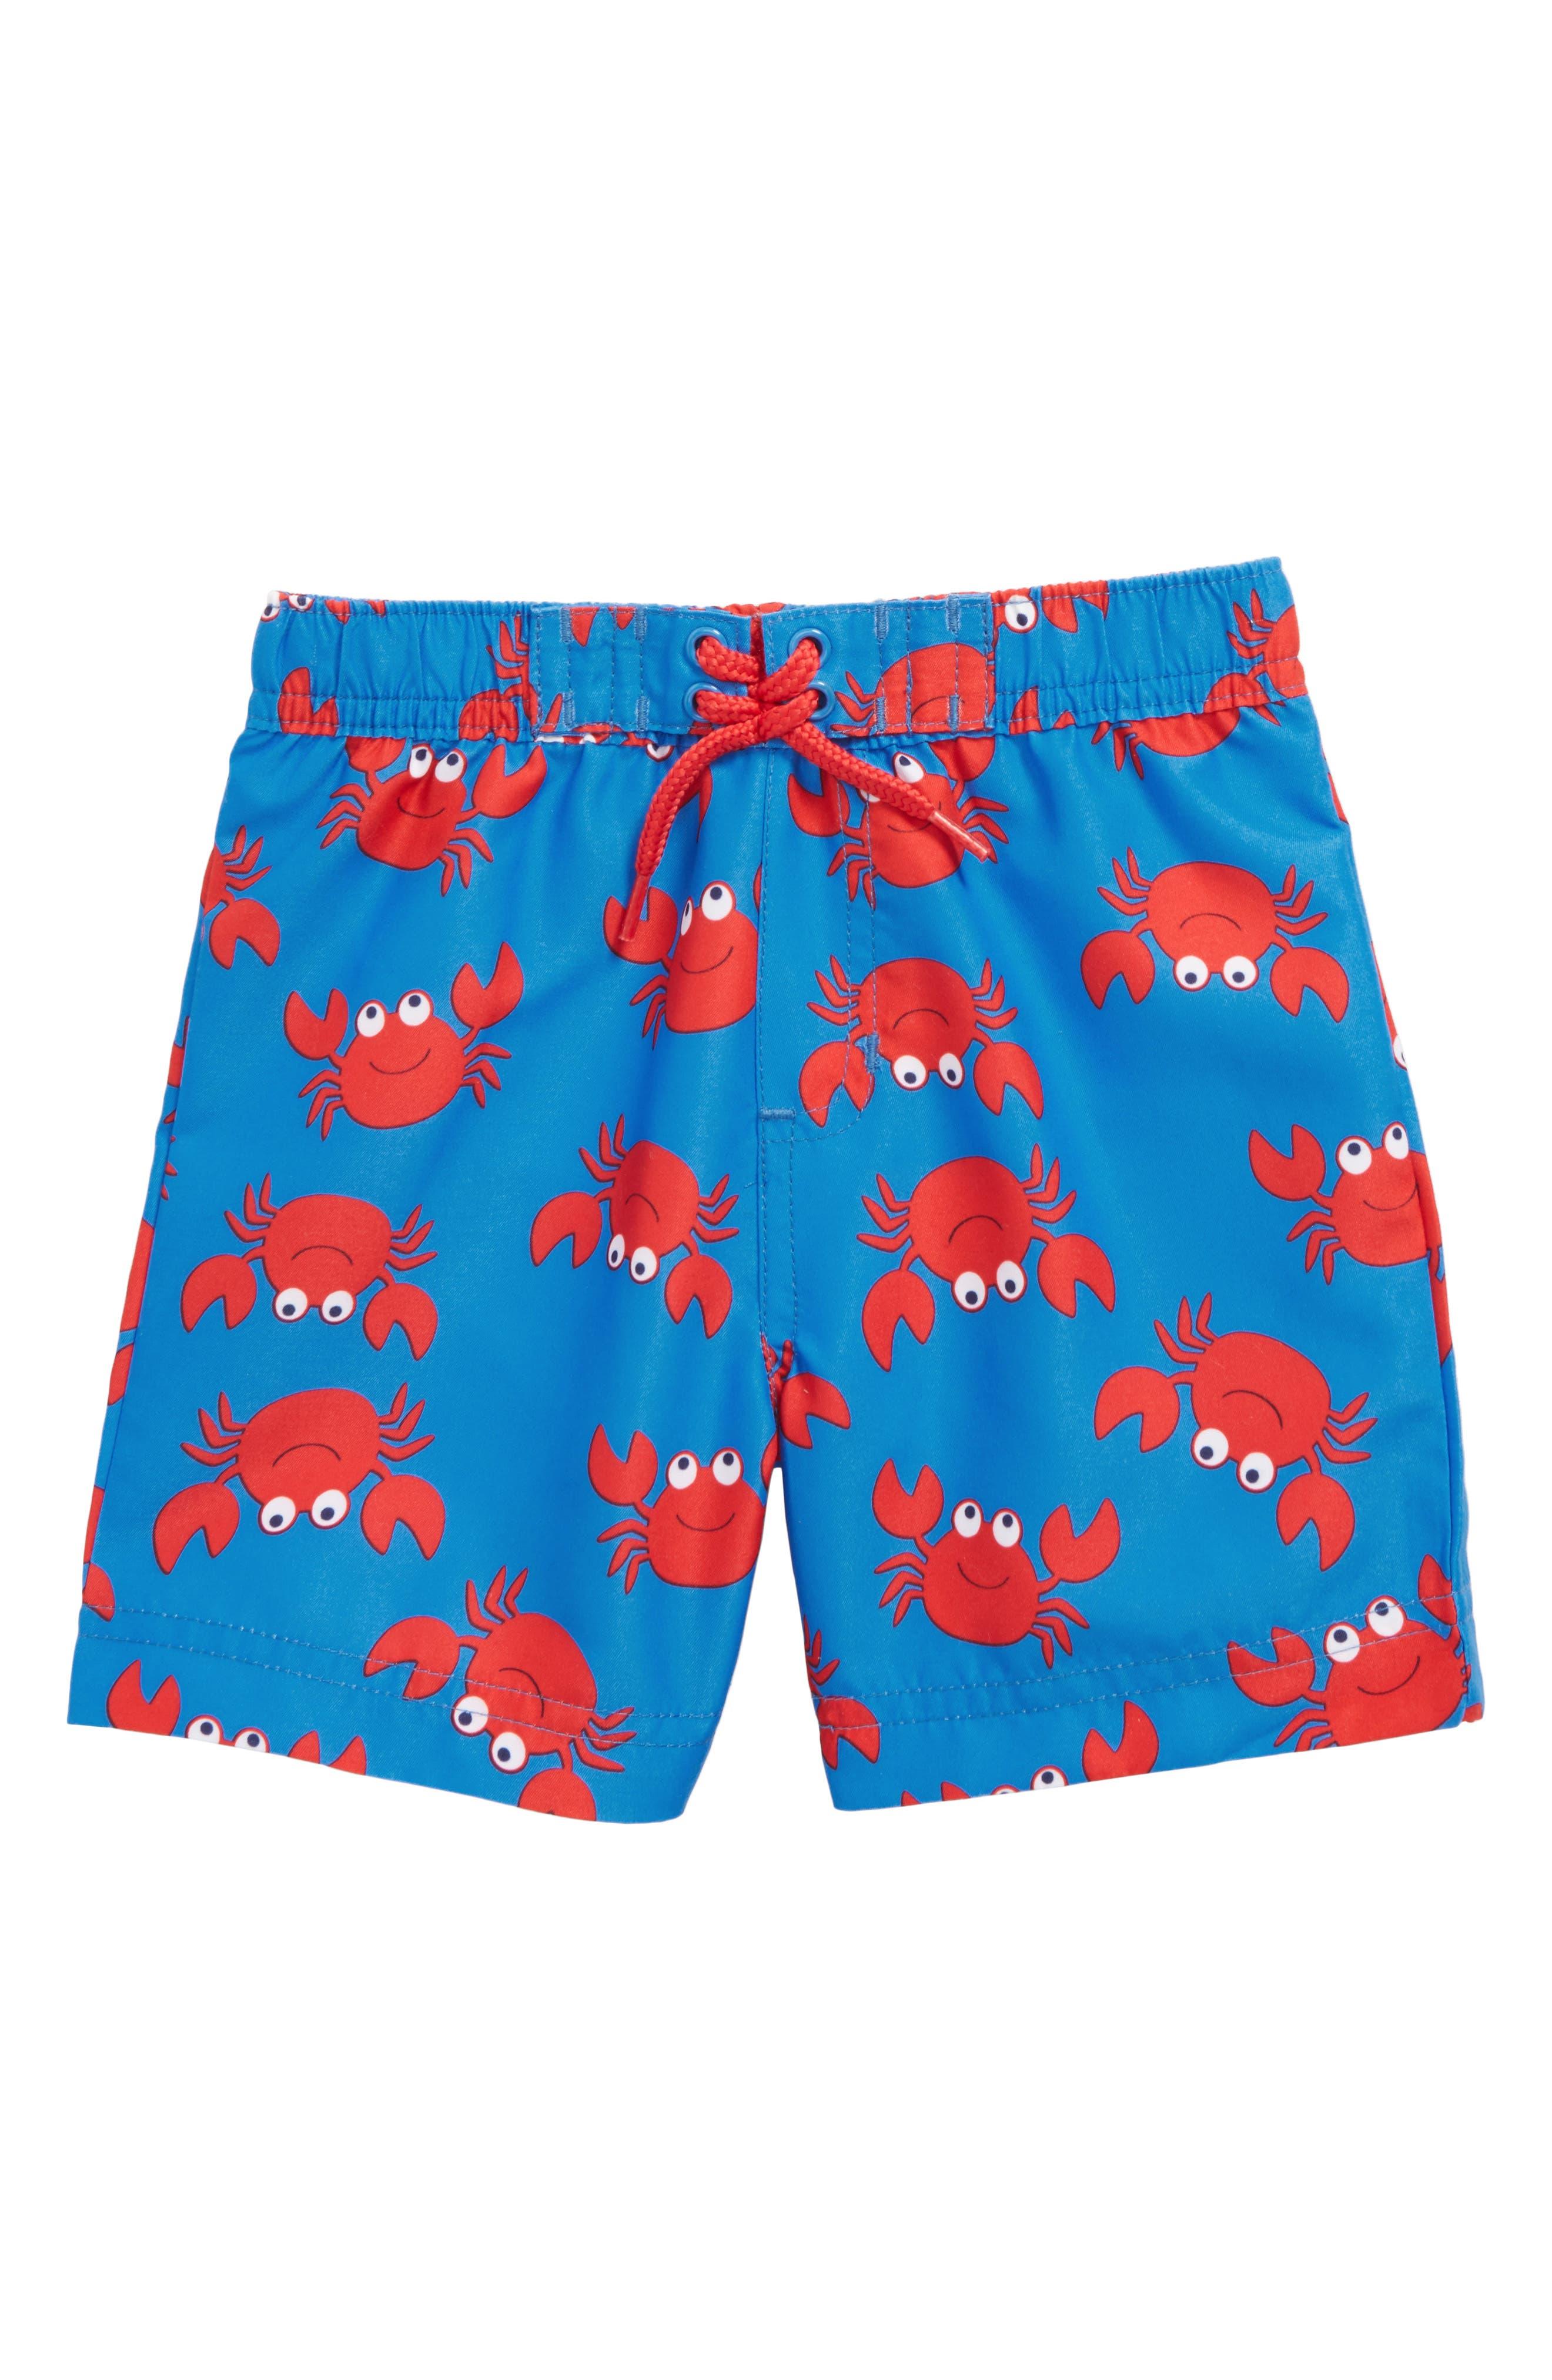 Crab UPF 50+ Swim Trunks,                         Main,                         color, 457